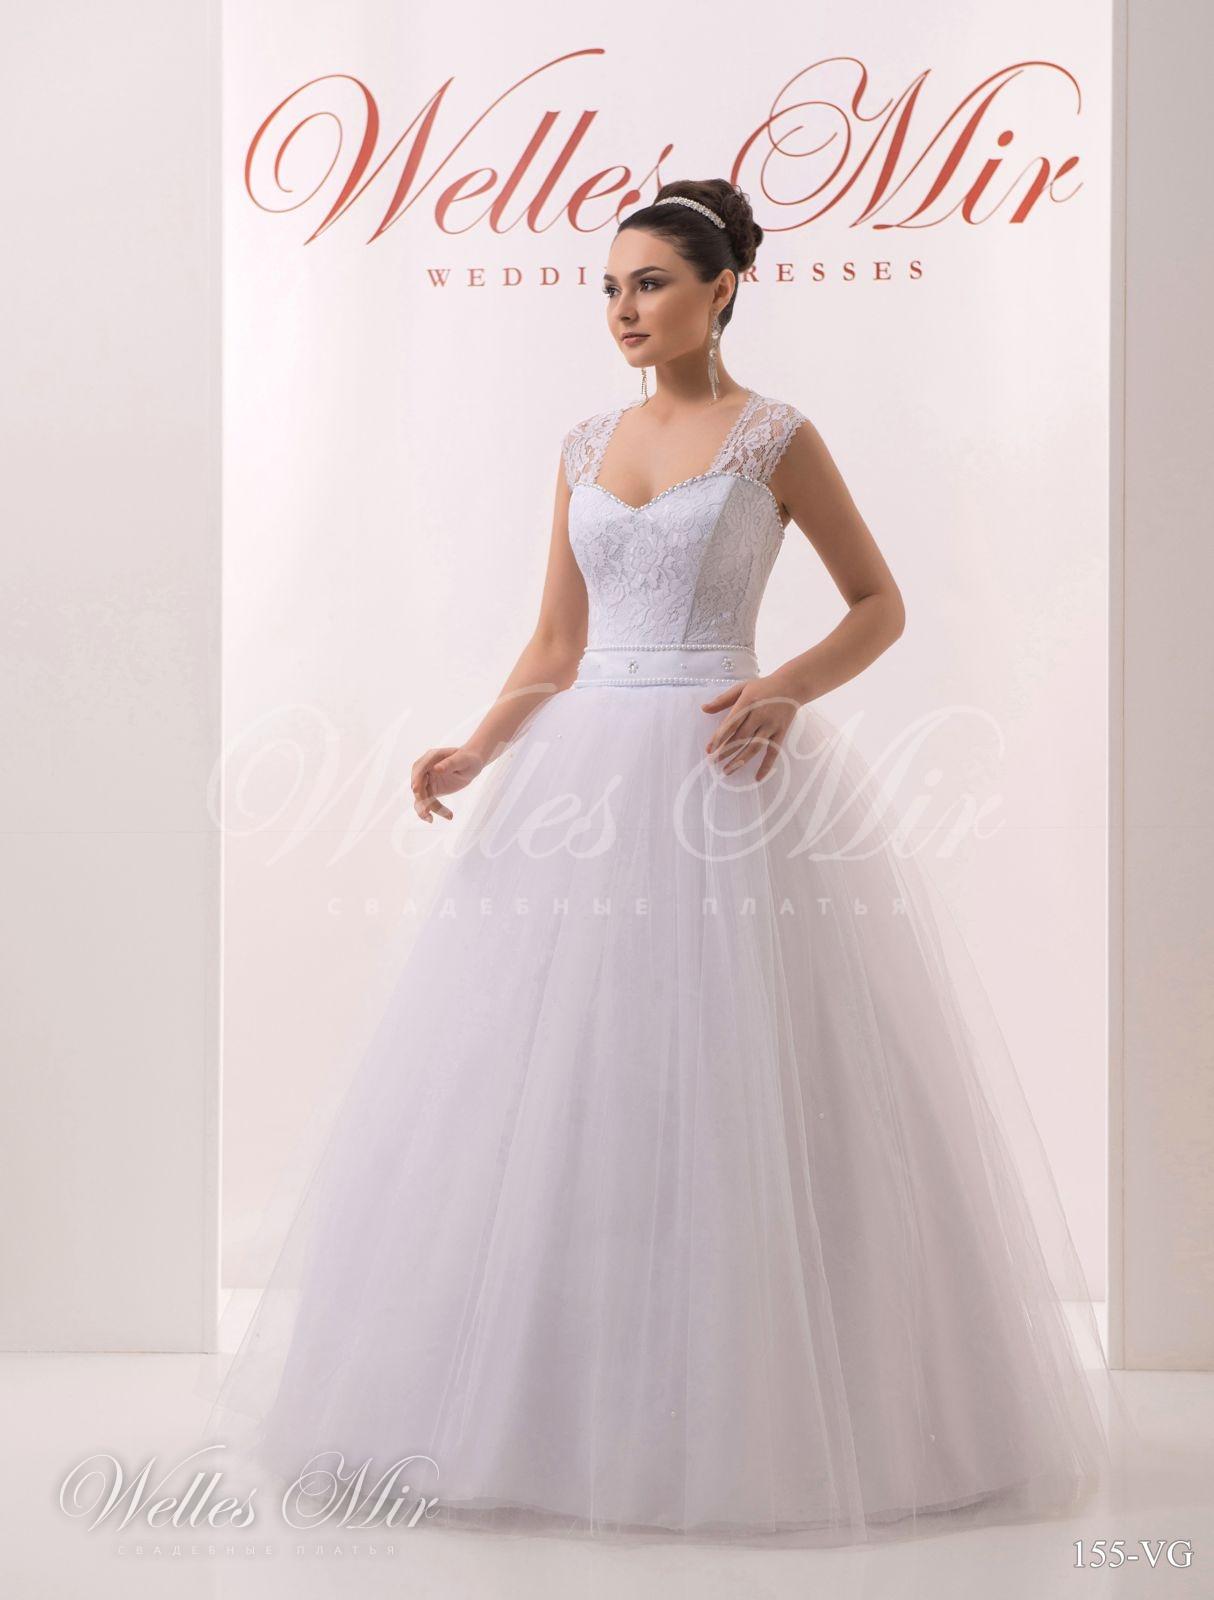 Свадебные платья Soft collection - 155-VG